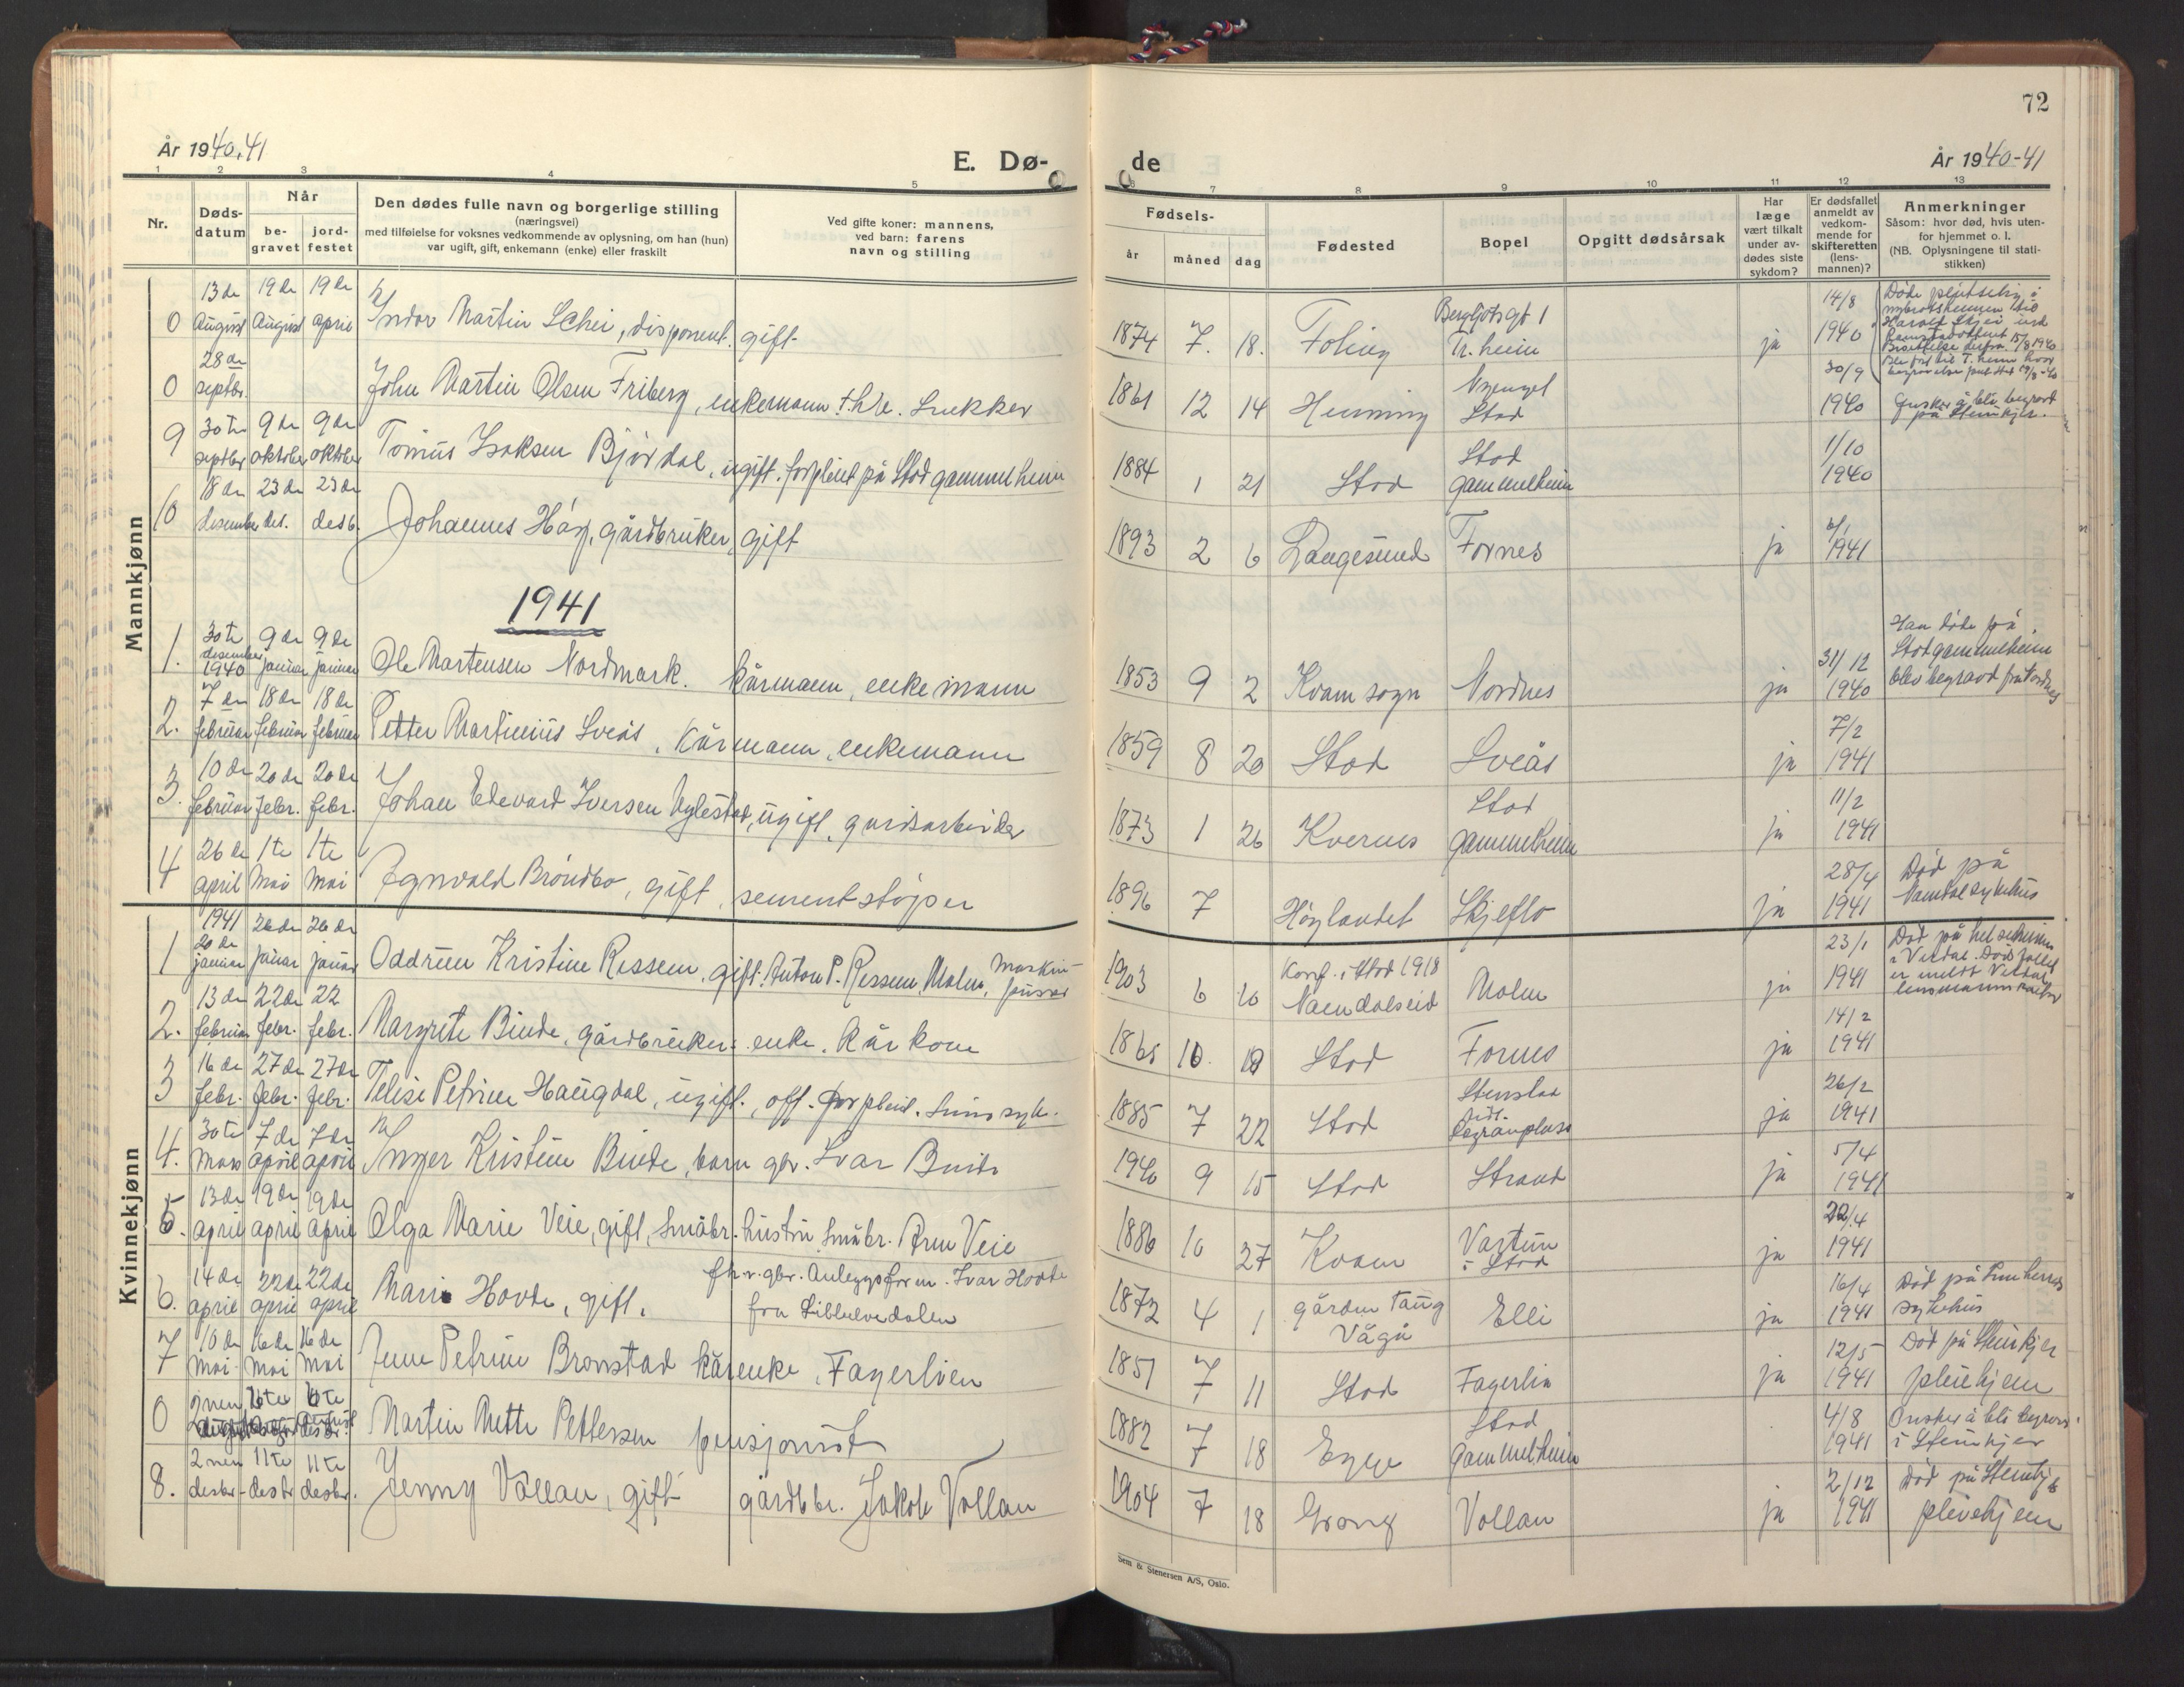 SAT, Ministerialprotokoller, klokkerbøker og fødselsregistre - Nord-Trøndelag, 746/L0456: Klokkerbok nr. 746C02, 1936-1948, s. 72